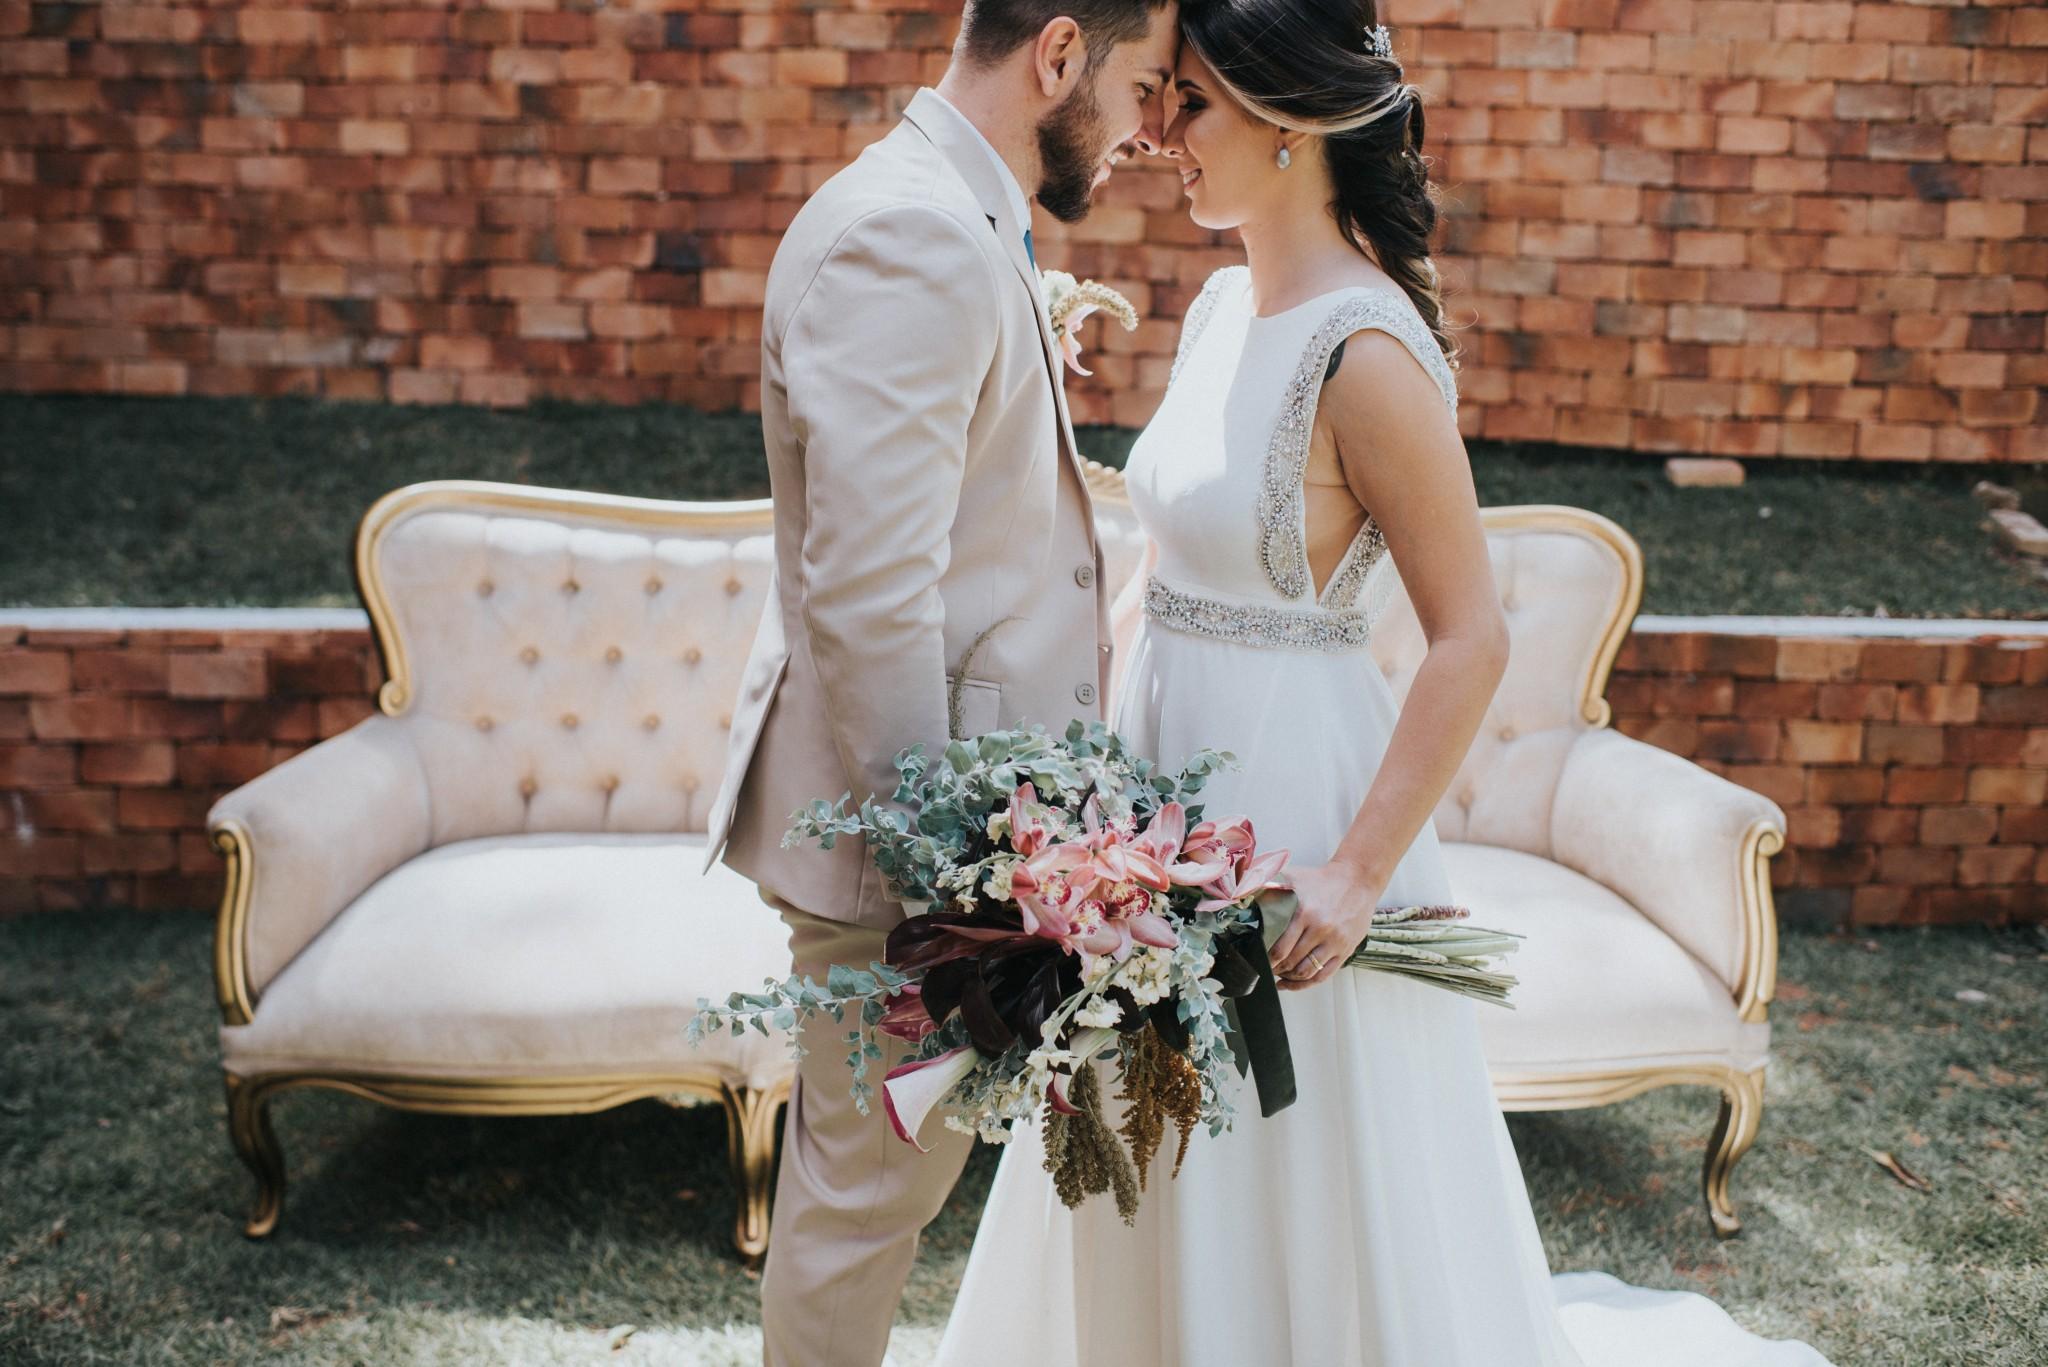 Miniwedding inspirado na Toscana: Bruna e Lucas